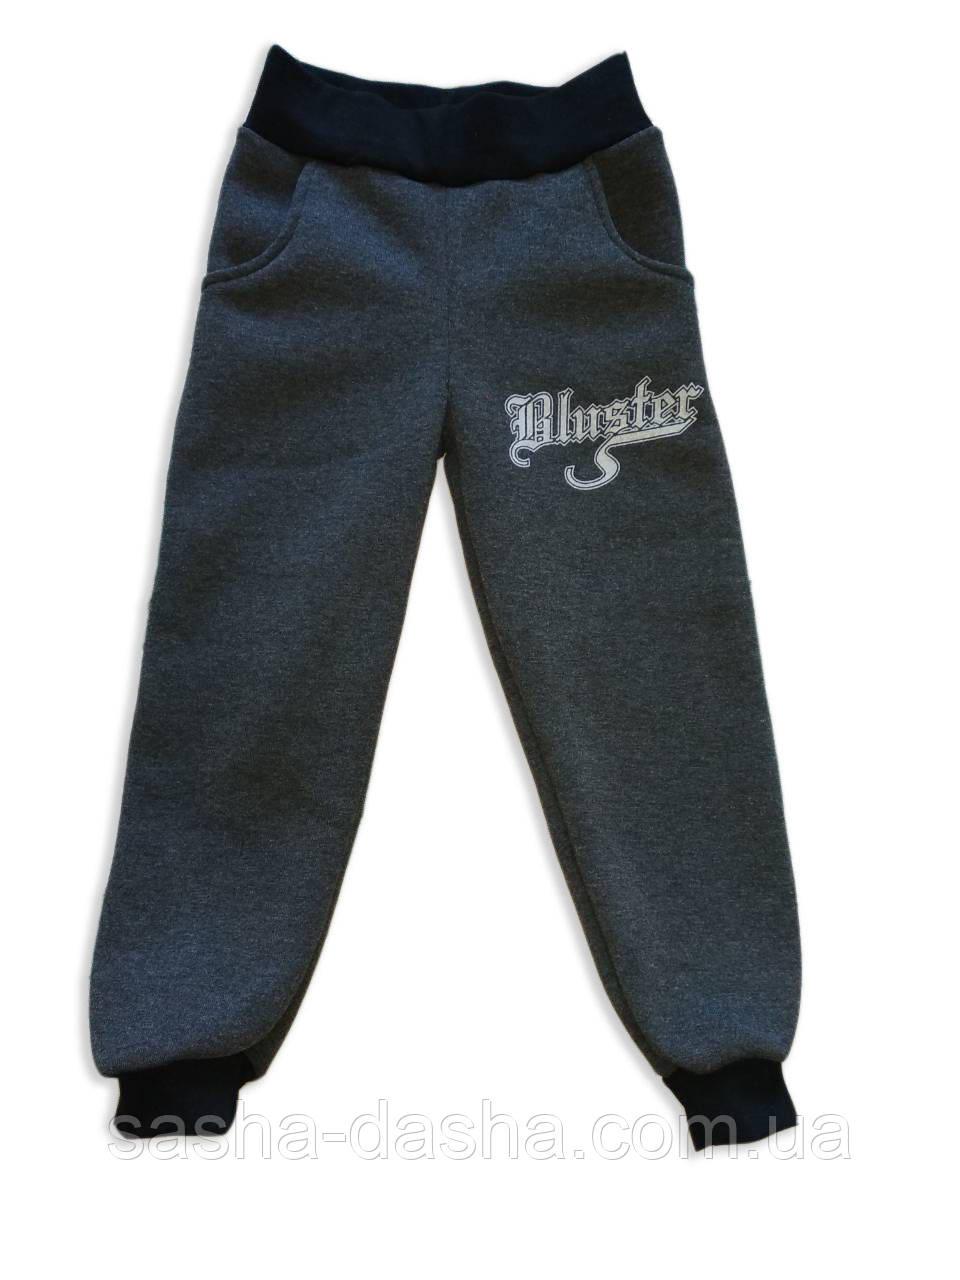 Теплые детские штаны на флисе.